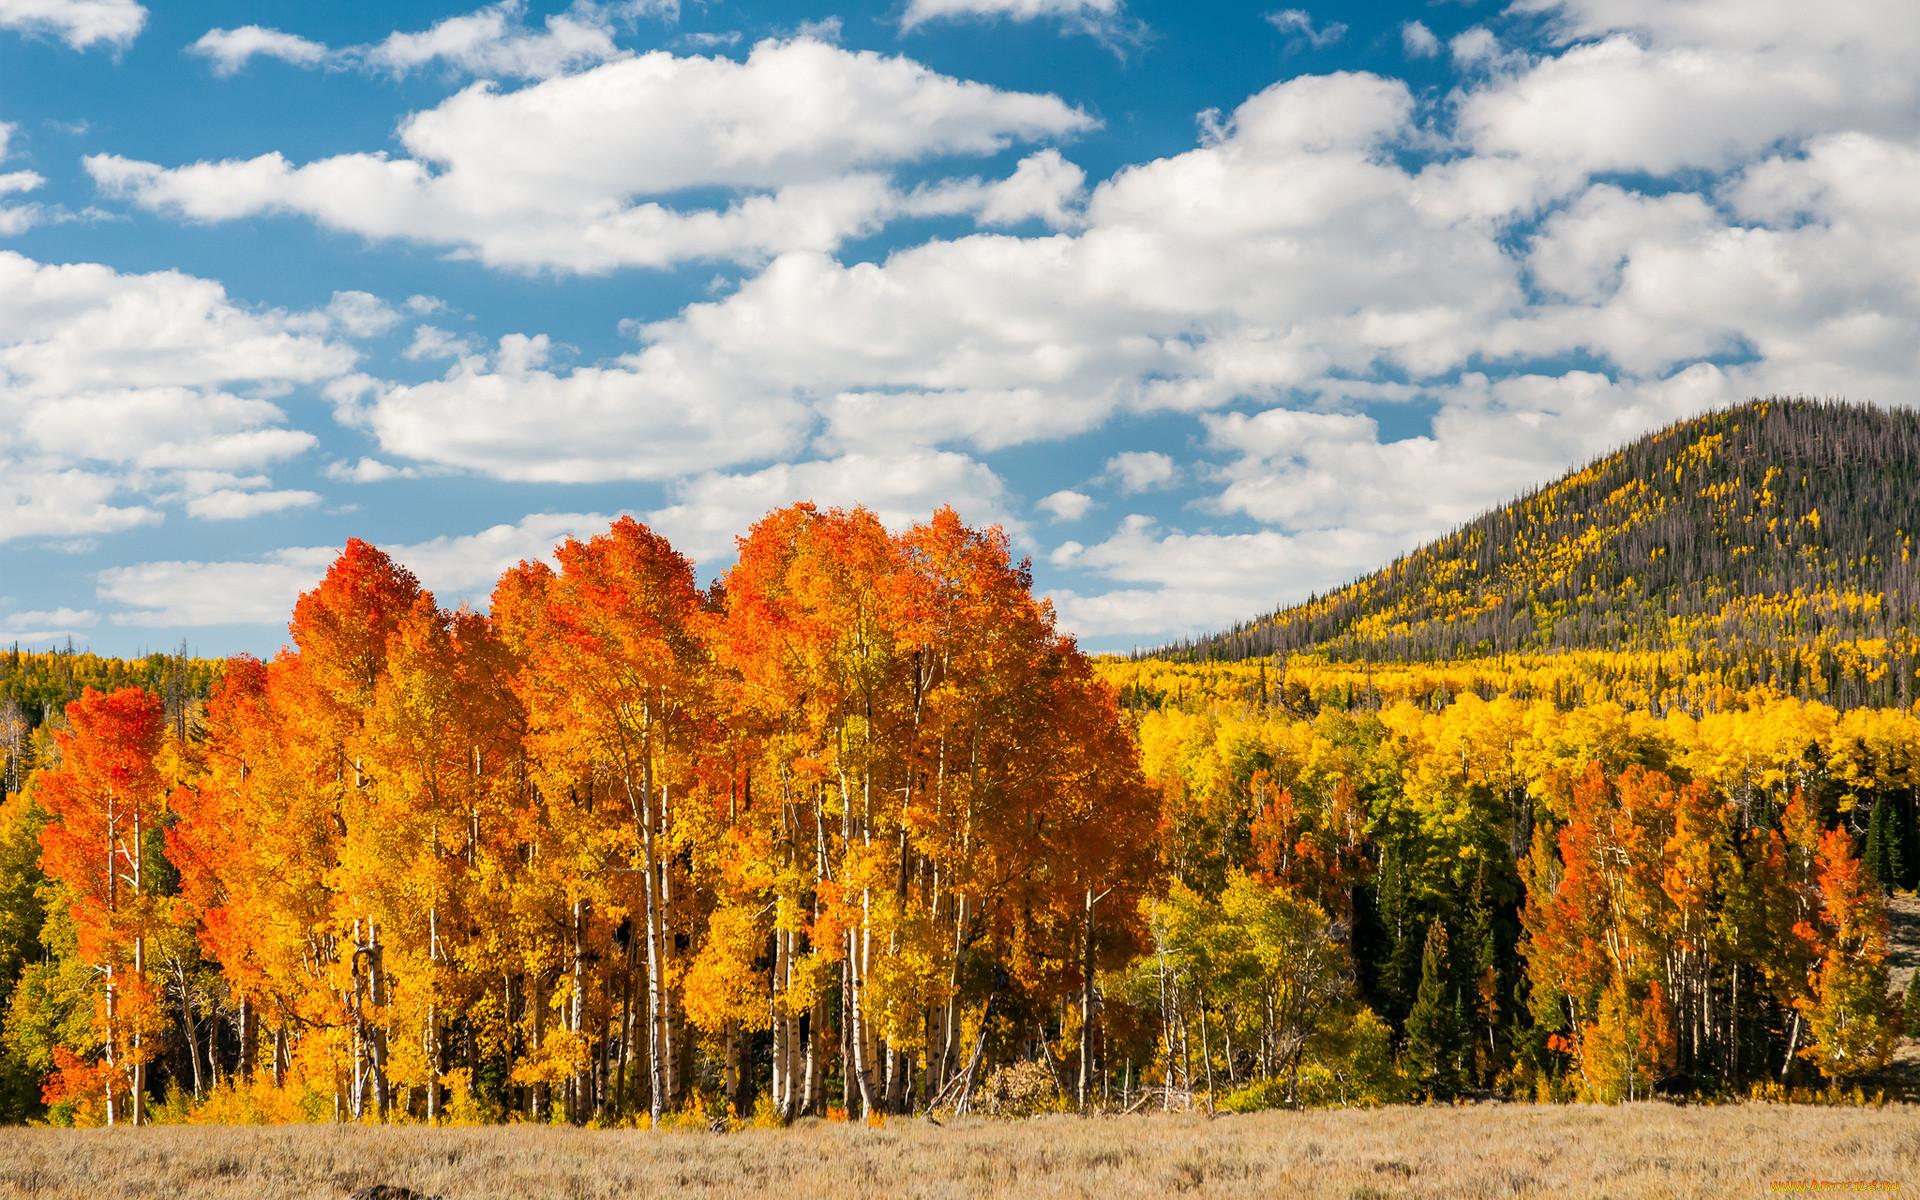 Красивые картинки леса осеннего тут никакие